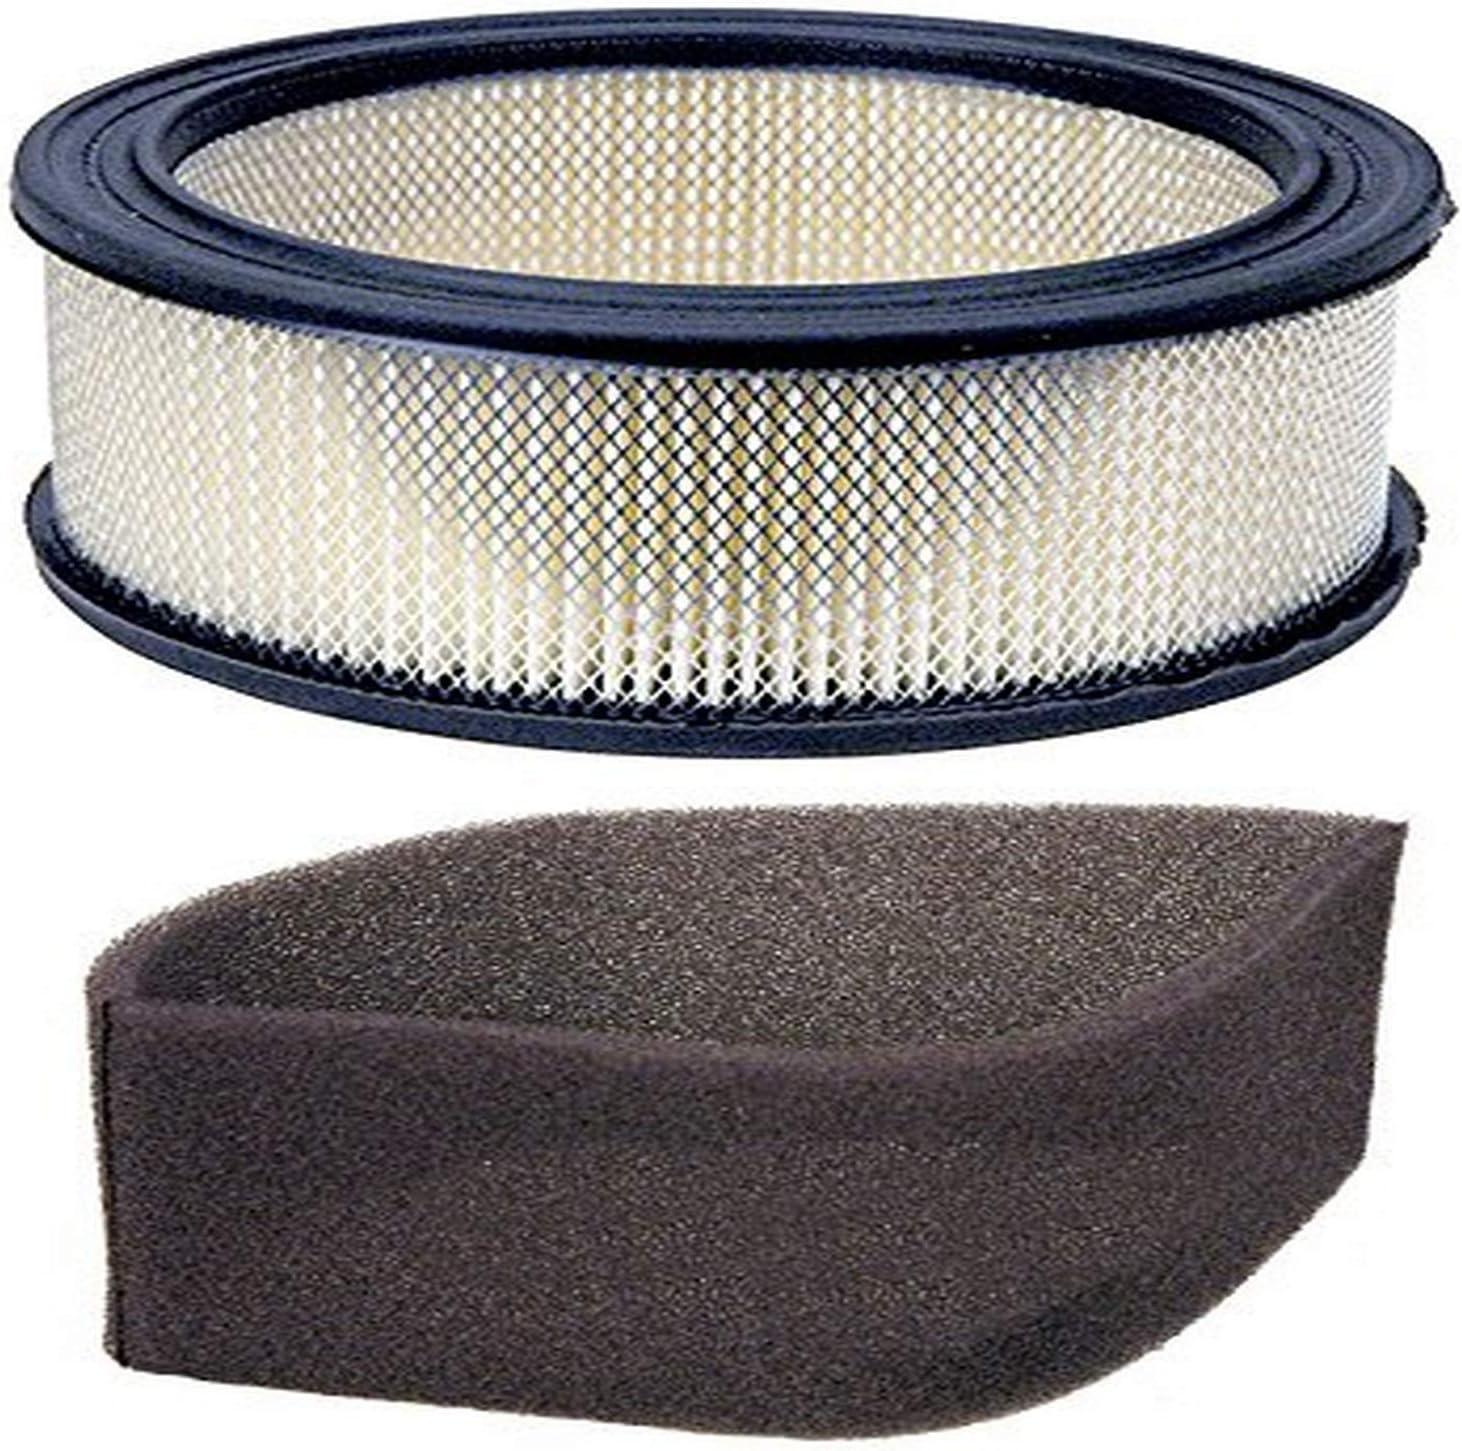 Kohler 12 083 10-s Air Filter Lot of 3